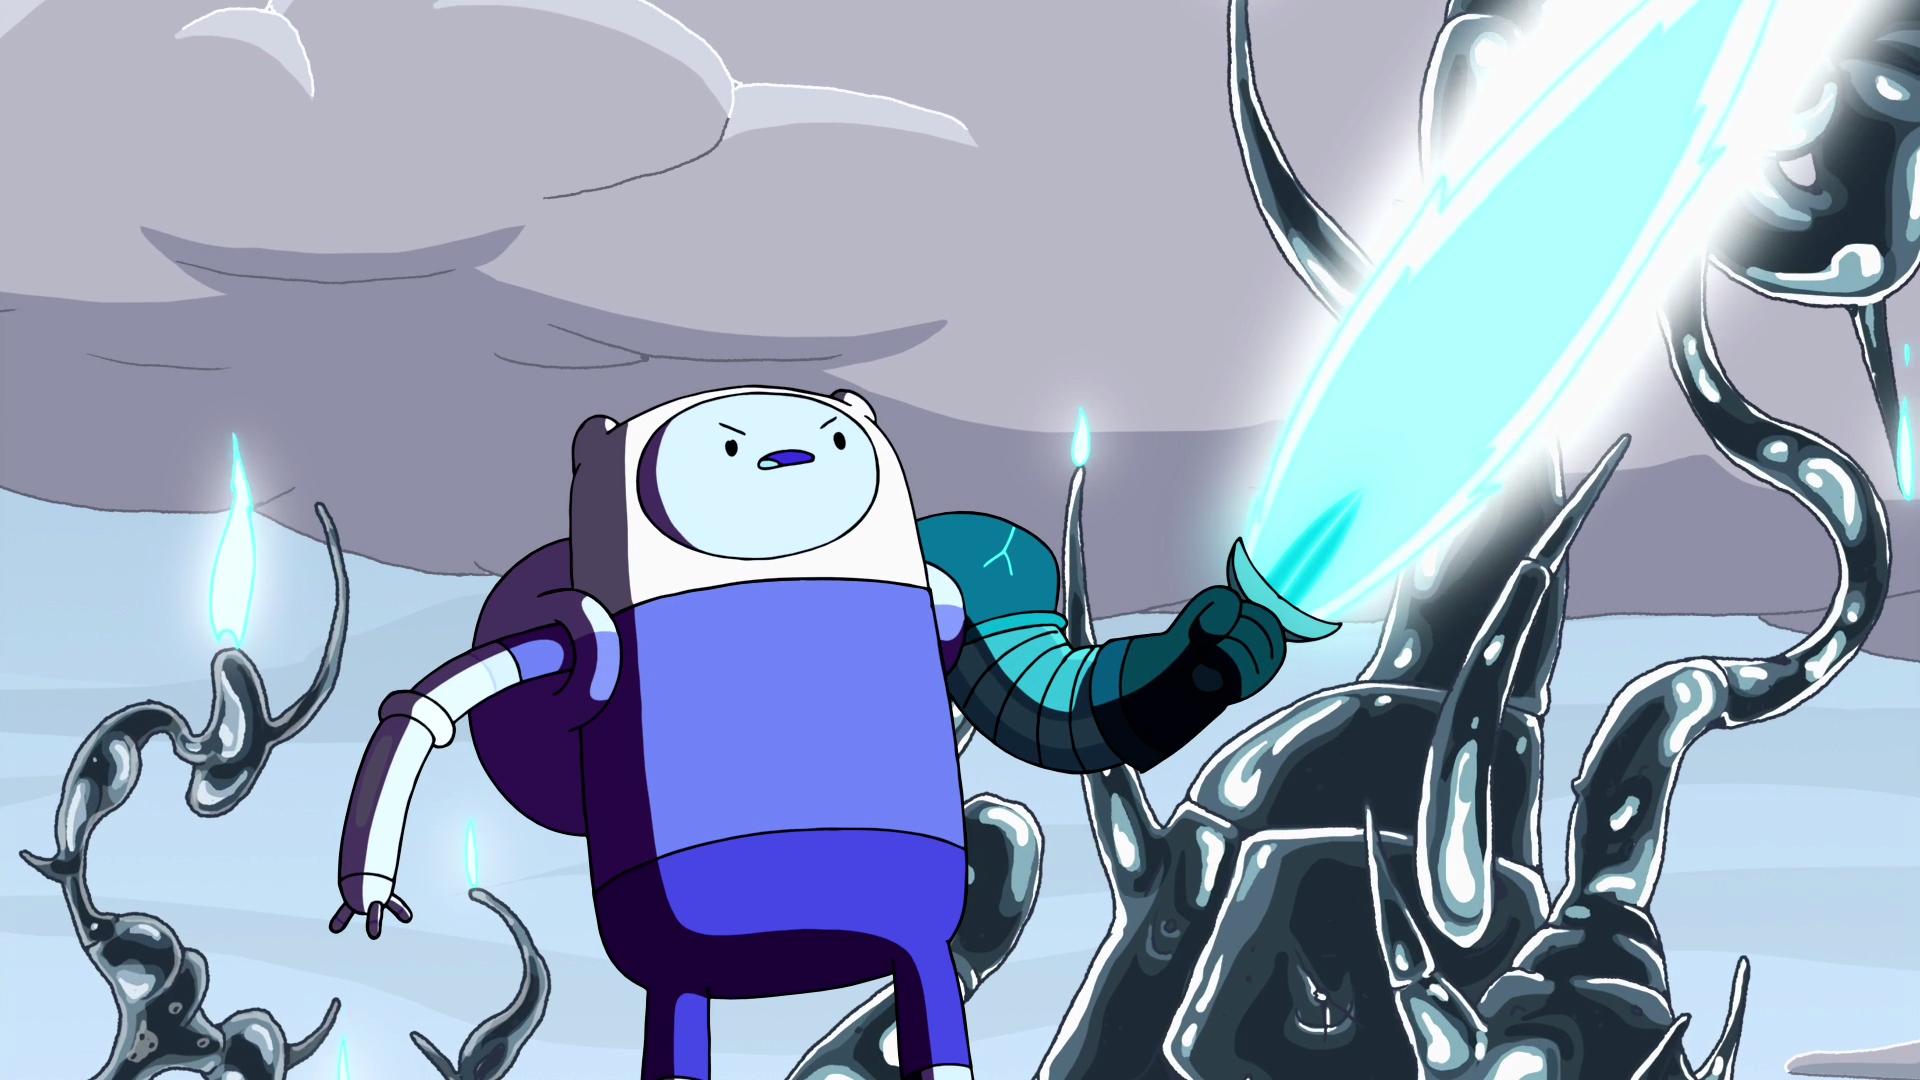 Finn with Flame Dagger